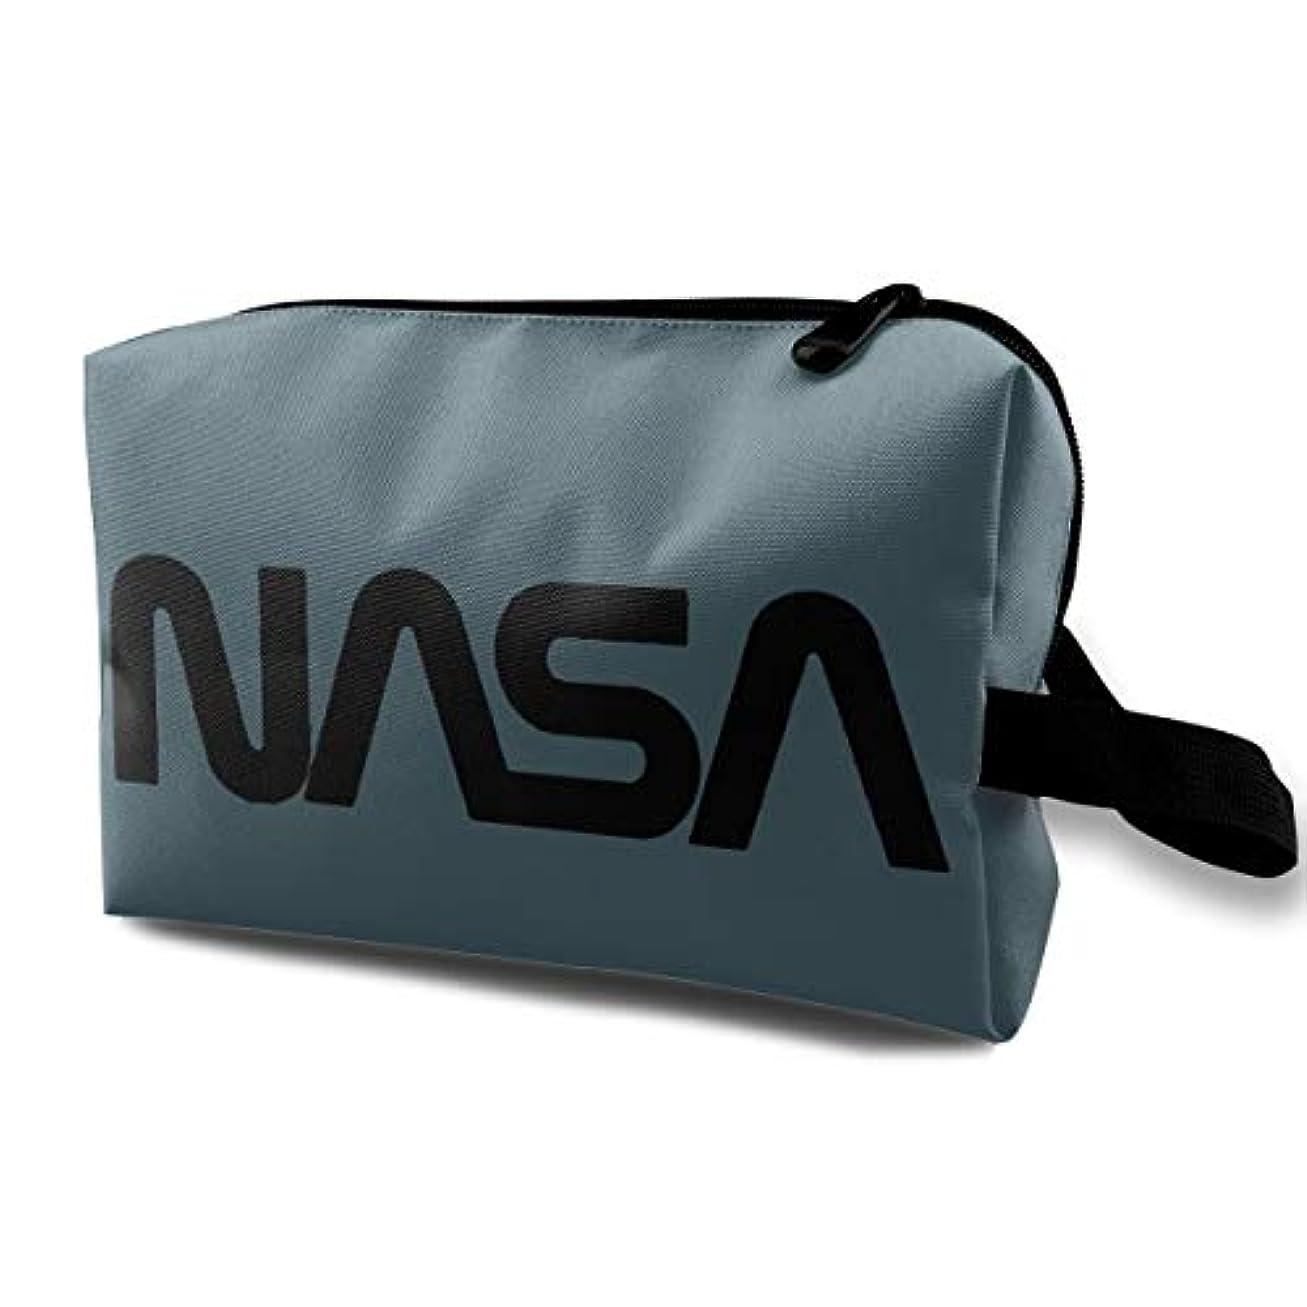 コンパニオンスクレーパー勝利DSB 化粧ポーチ コンパクト メイクポーチ 化粧バッグ NASA 航空 宇宙 化粧品 収納バッグ コスメポーチ メイクブラシバッグ 旅行用 大容量